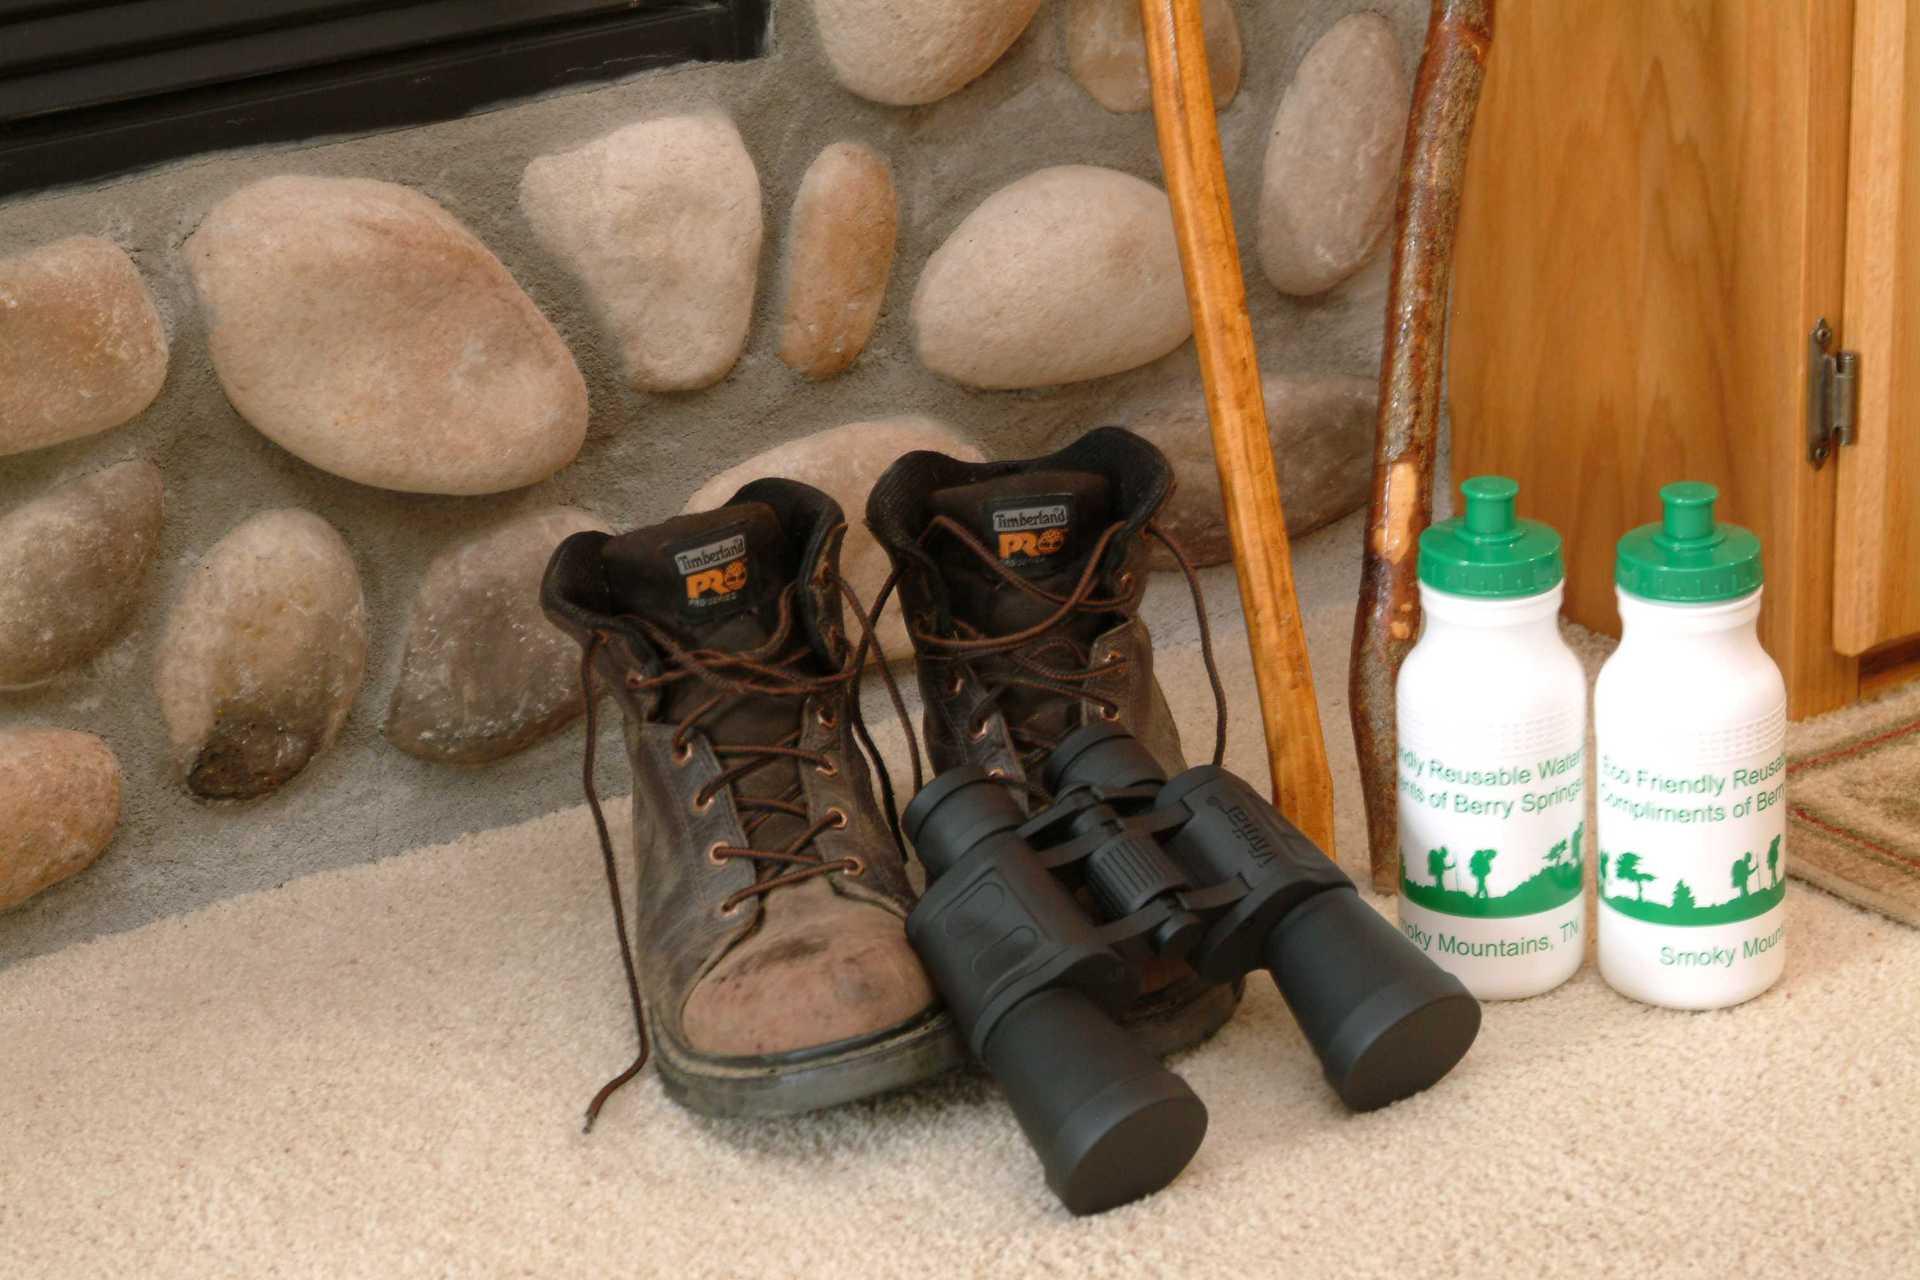 Boots & binoculars in Hideaway